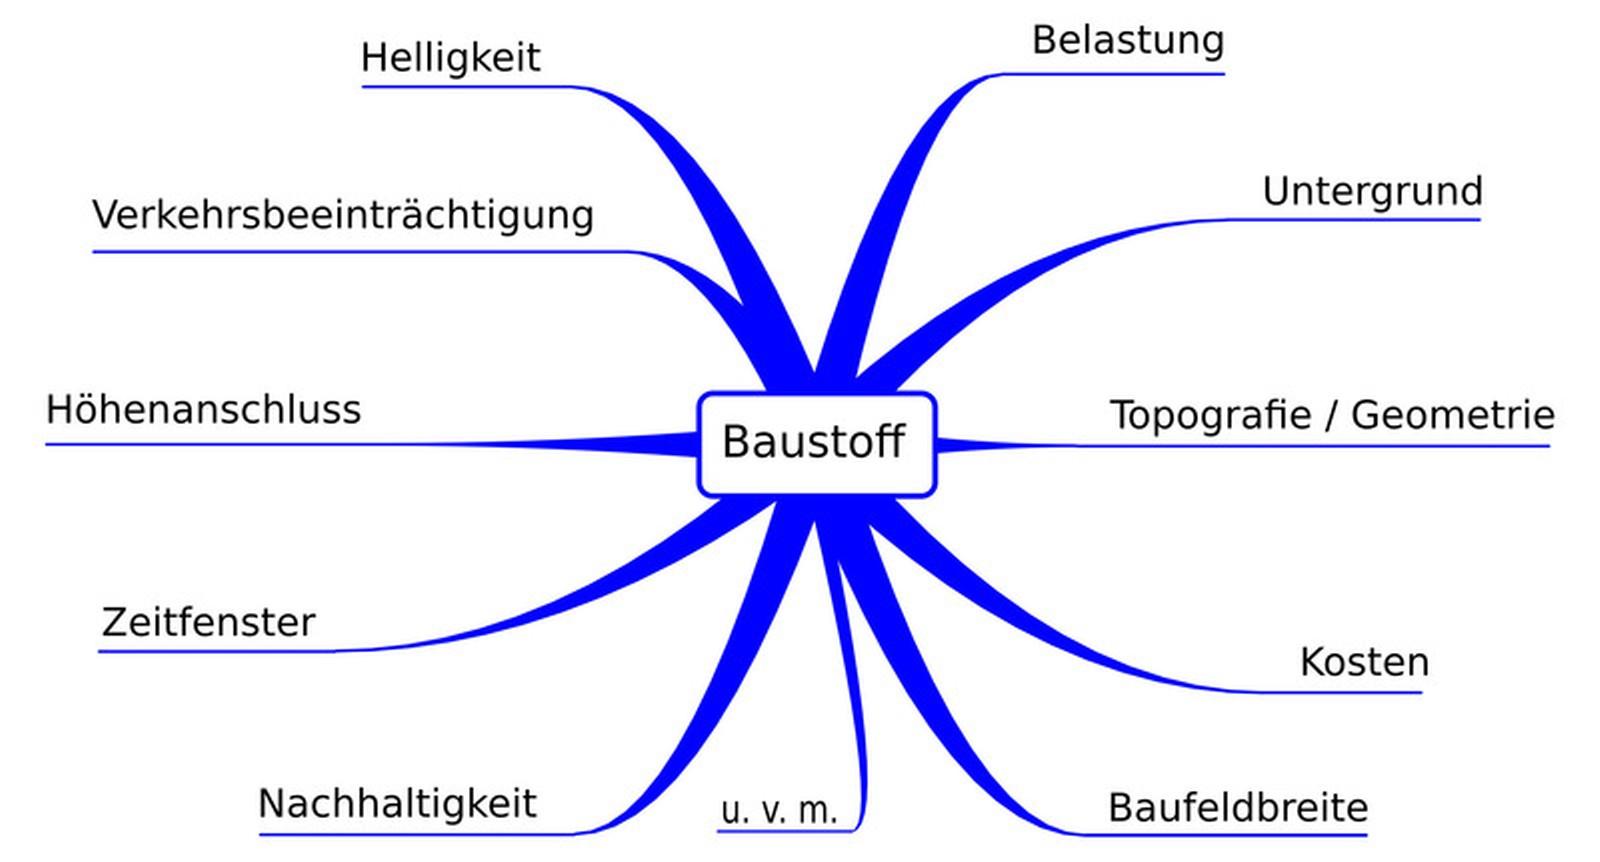 Abbildung 1: Entscheidende Einflussfaktoren und Kriterien für die Wahl des Baustoffs.